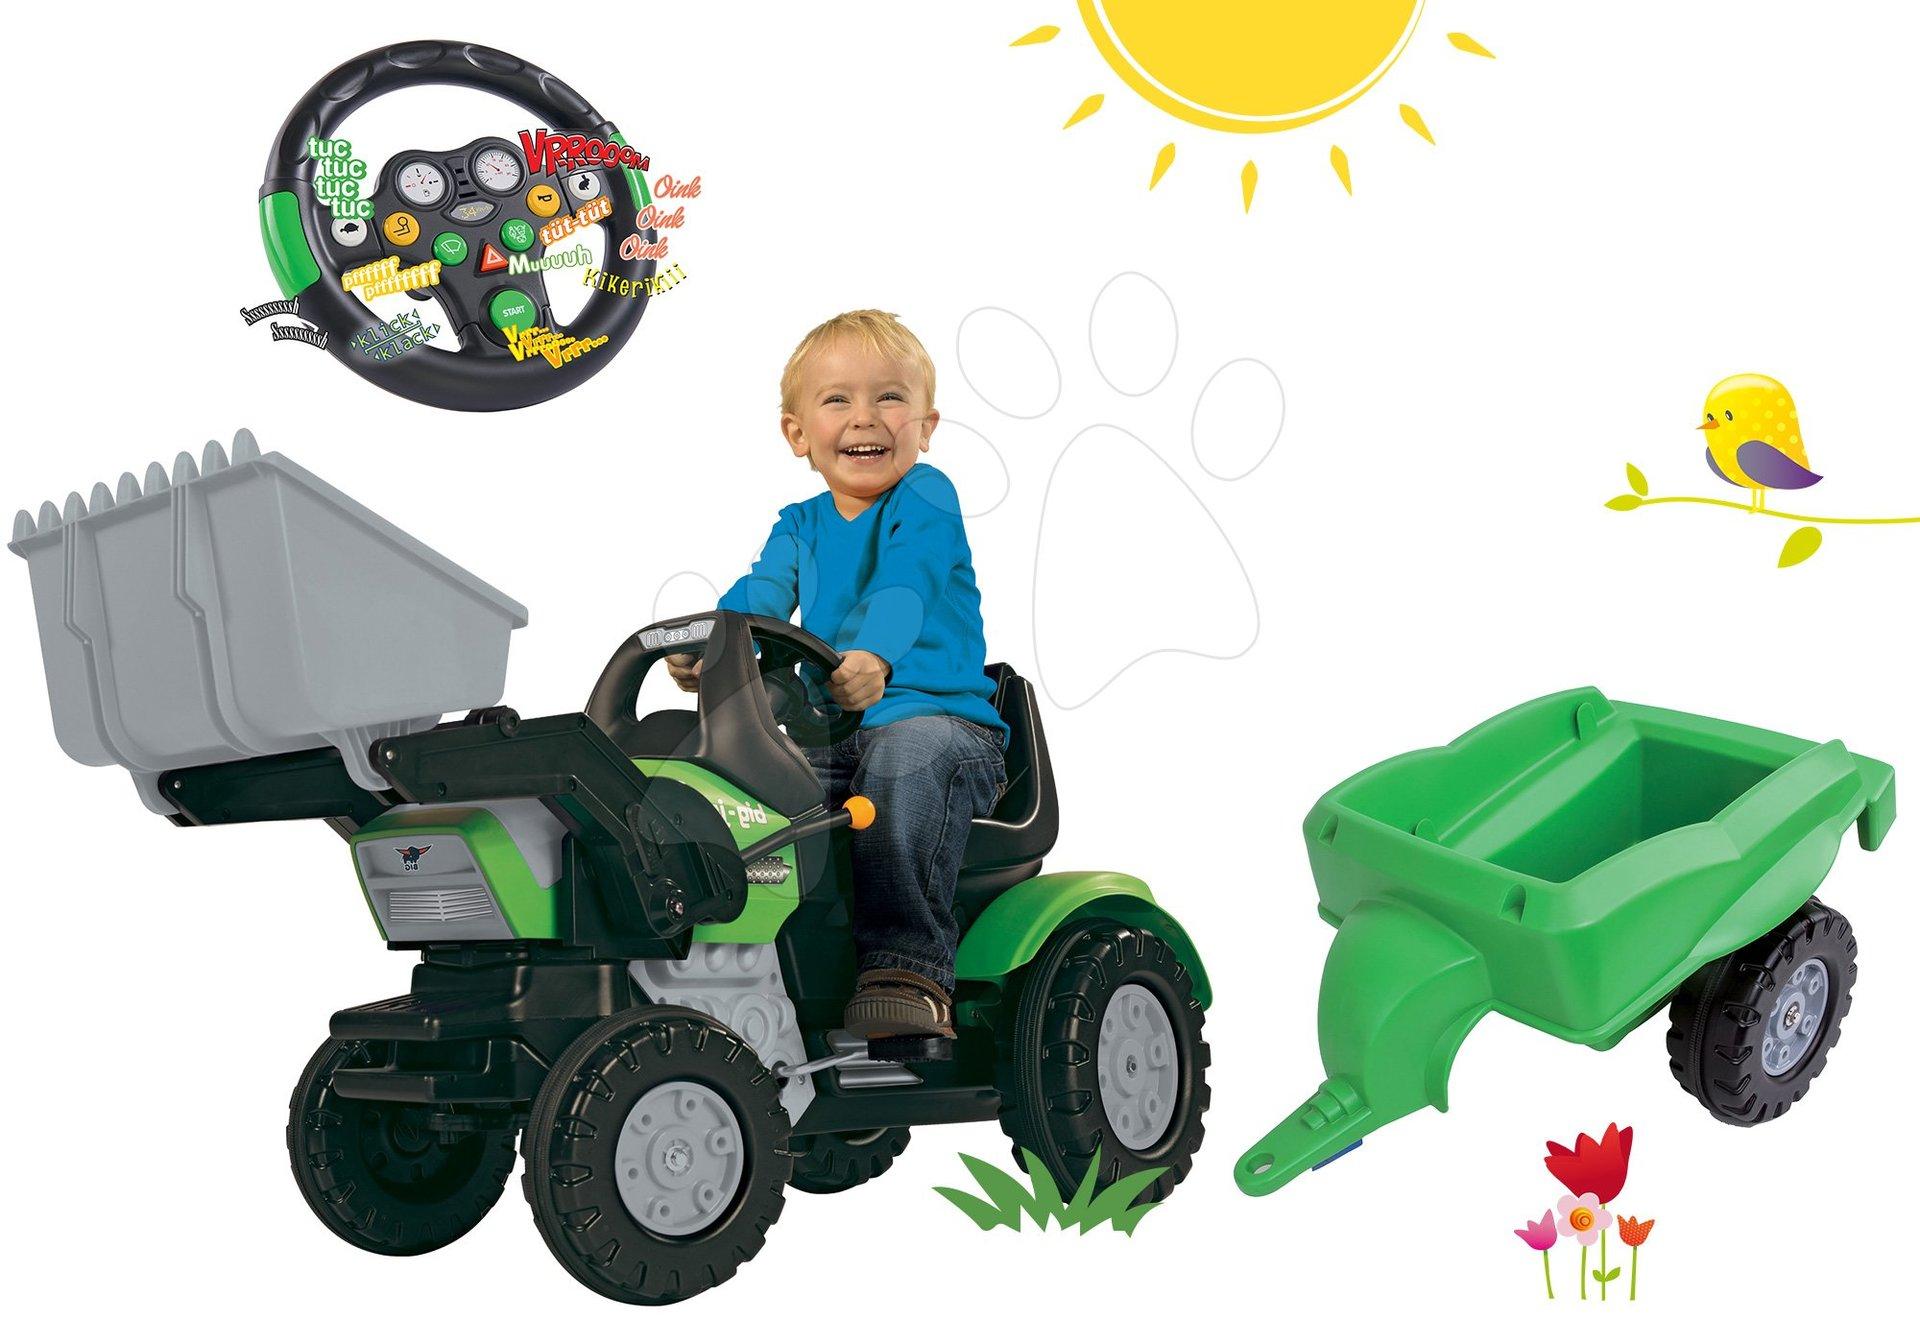 Set šliapací traktor John XL BIG s nakladačom s prívesom a interaktívny volant so zvukom